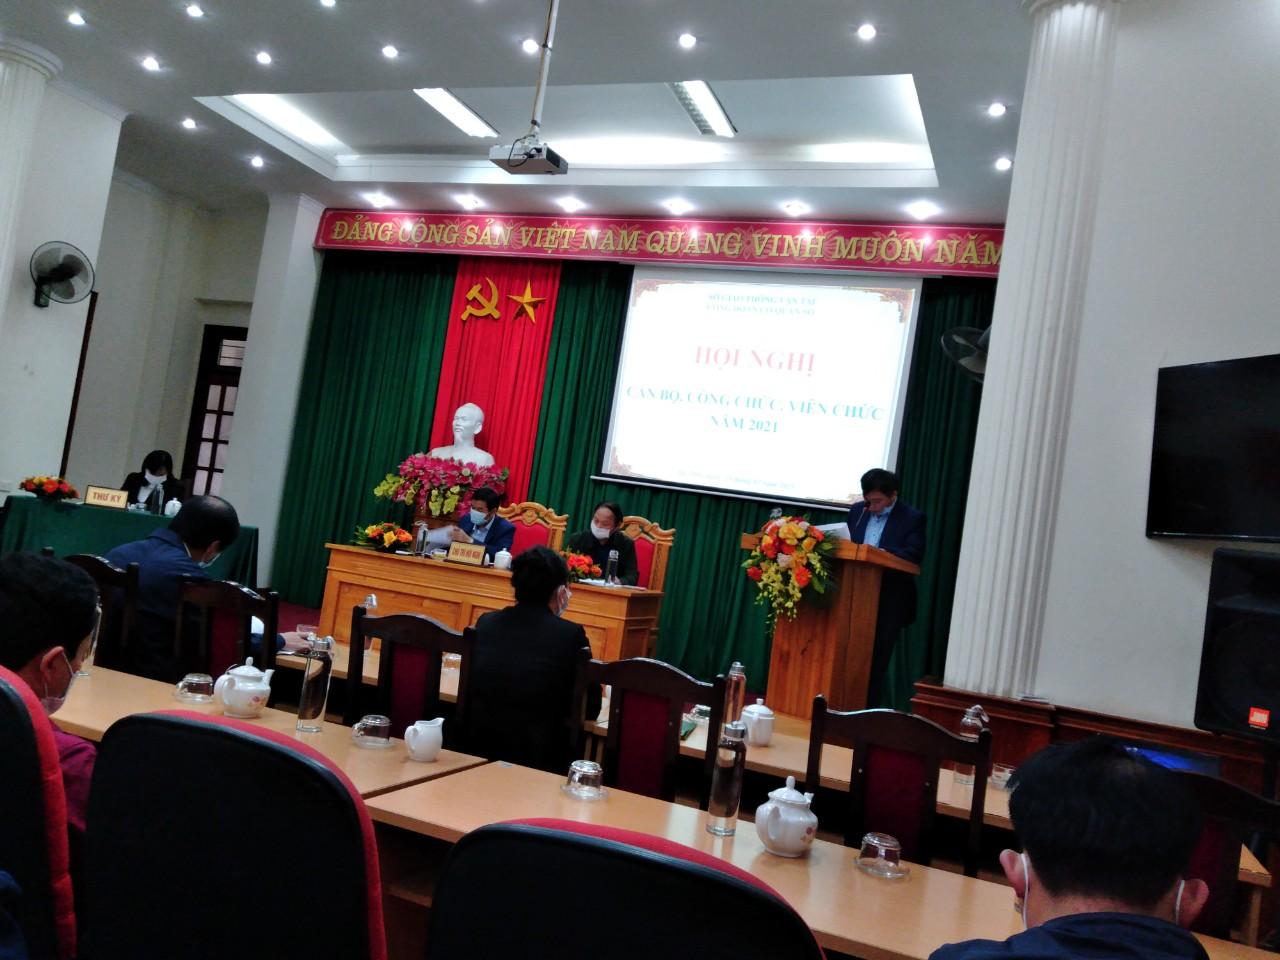 Sở GTVT tổ chức Hội nghị cán bộ công chức năm 2021